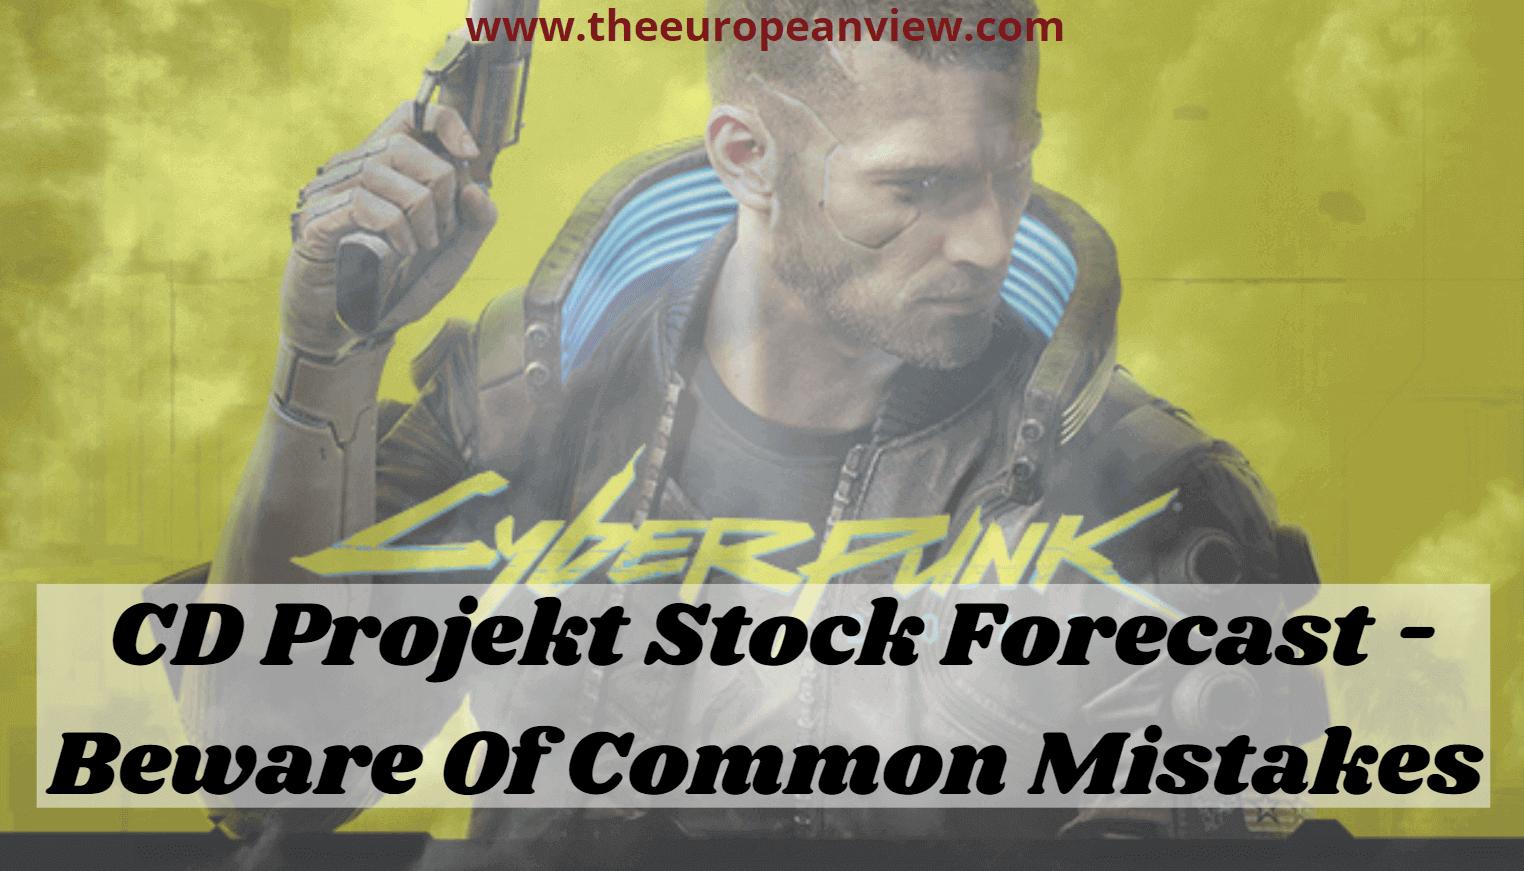 CD Projekt Stock Forecast